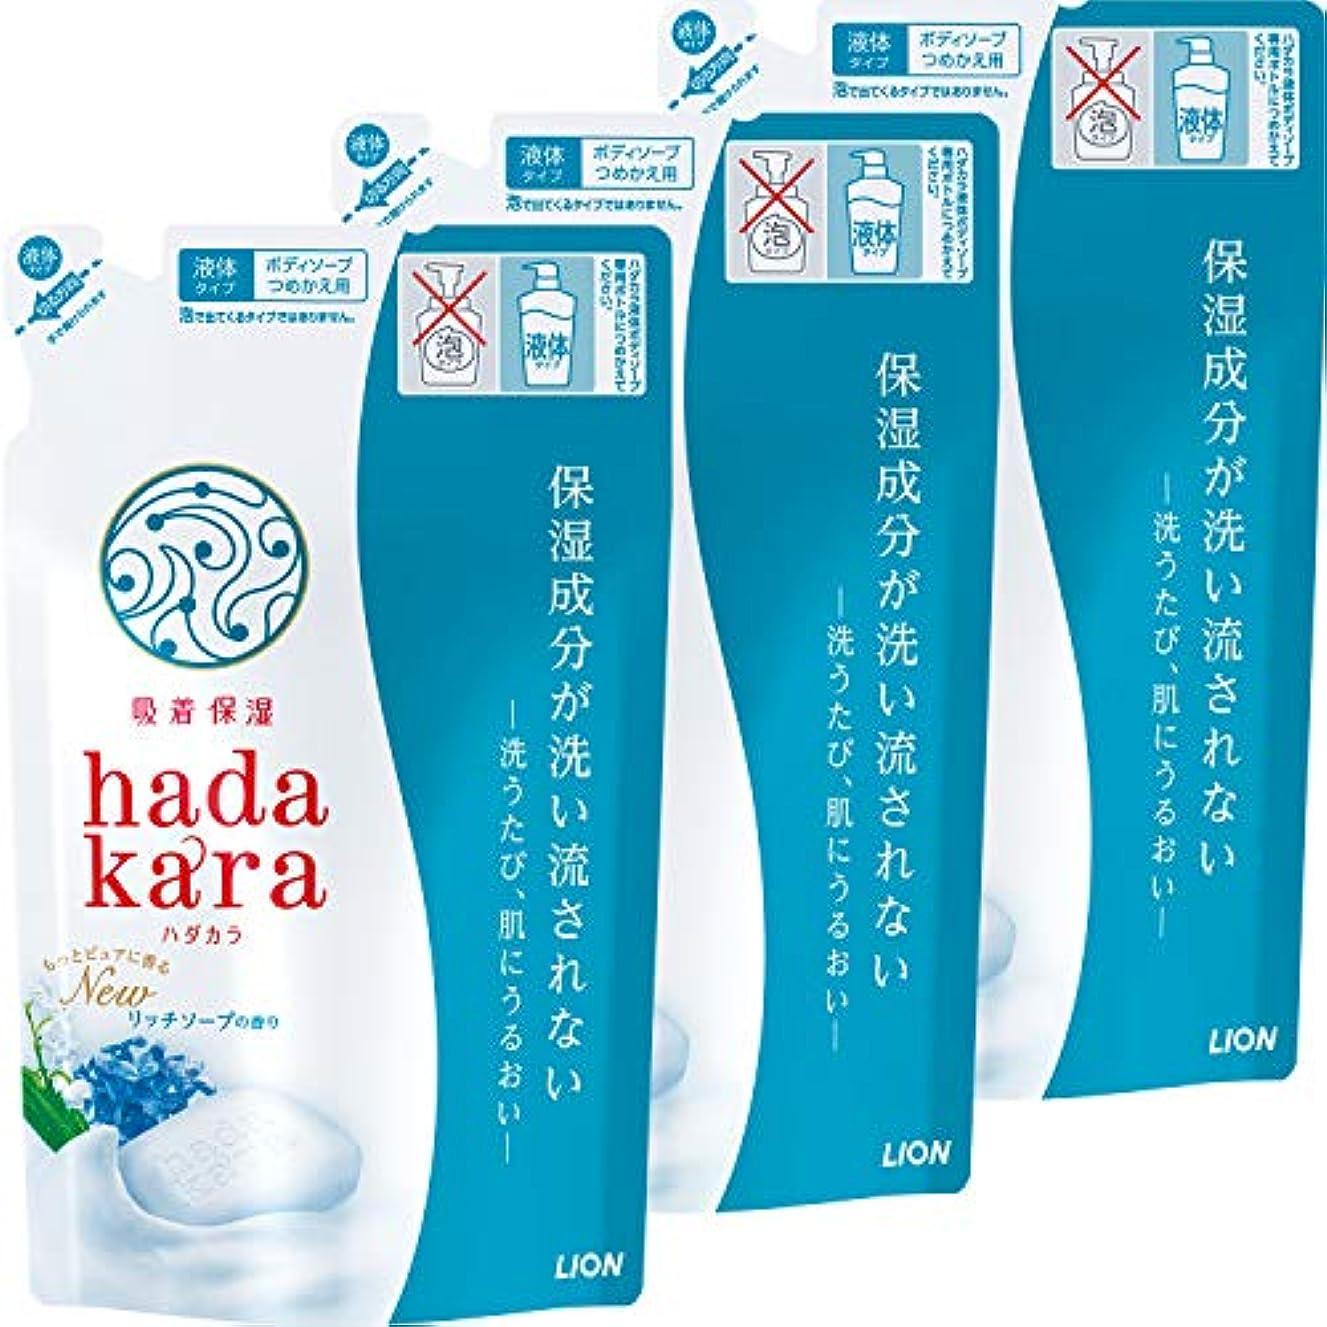 マット虫を数える鋸歯状hadakara(ハダカラ) ボディソープ リッチソープの香り つめかえ360ml×3個 詰替え用